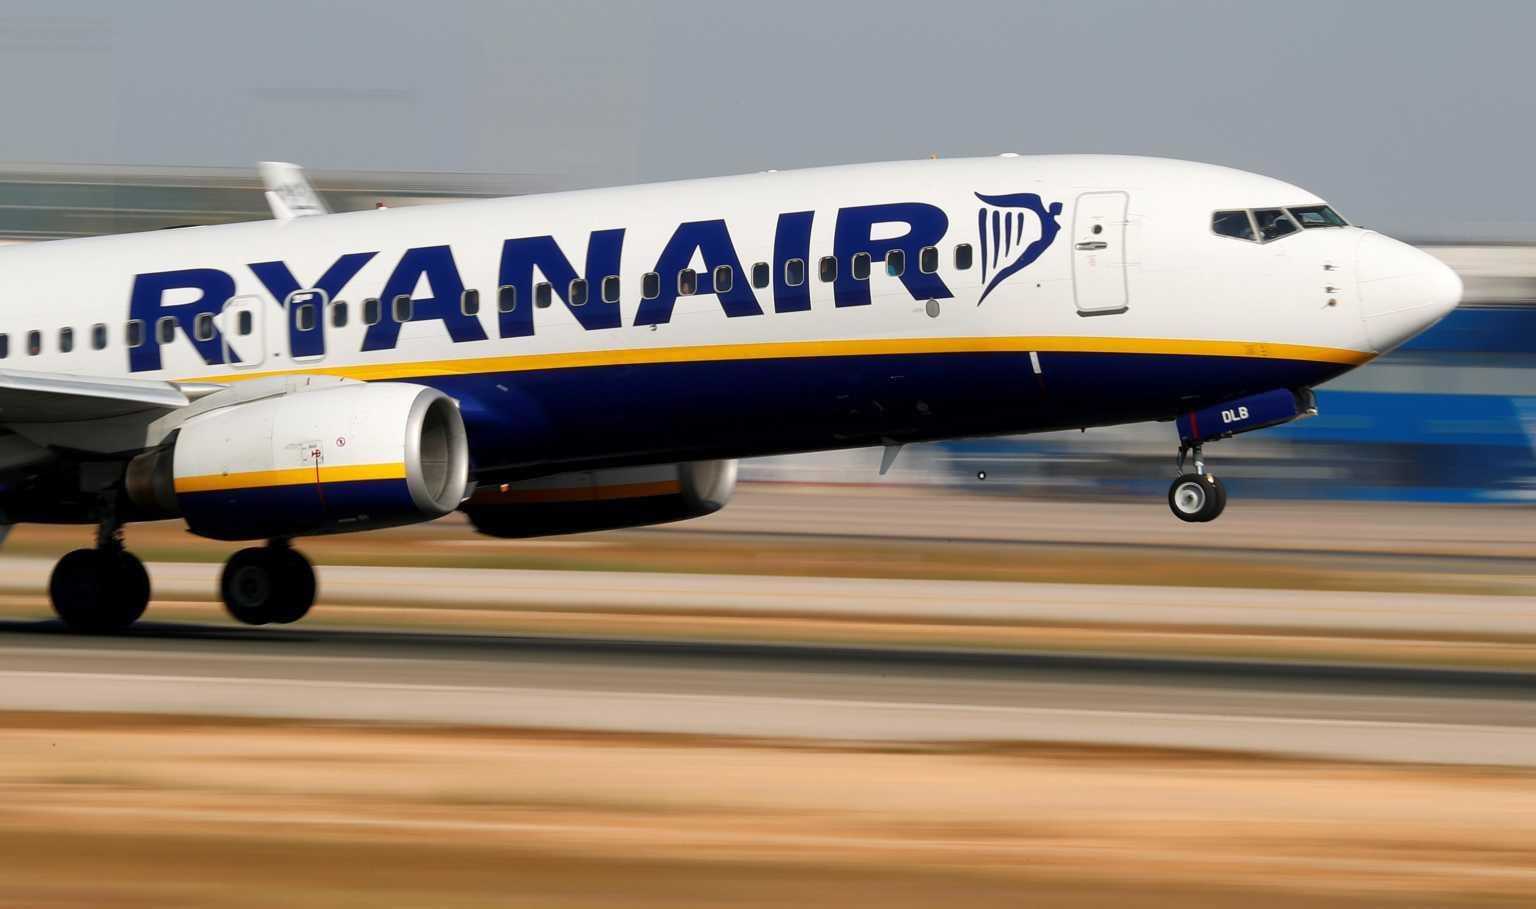 Η πτήση της Ryanair απογειώθηκε από το Μινσκ με προορισμό το Βίλνιους